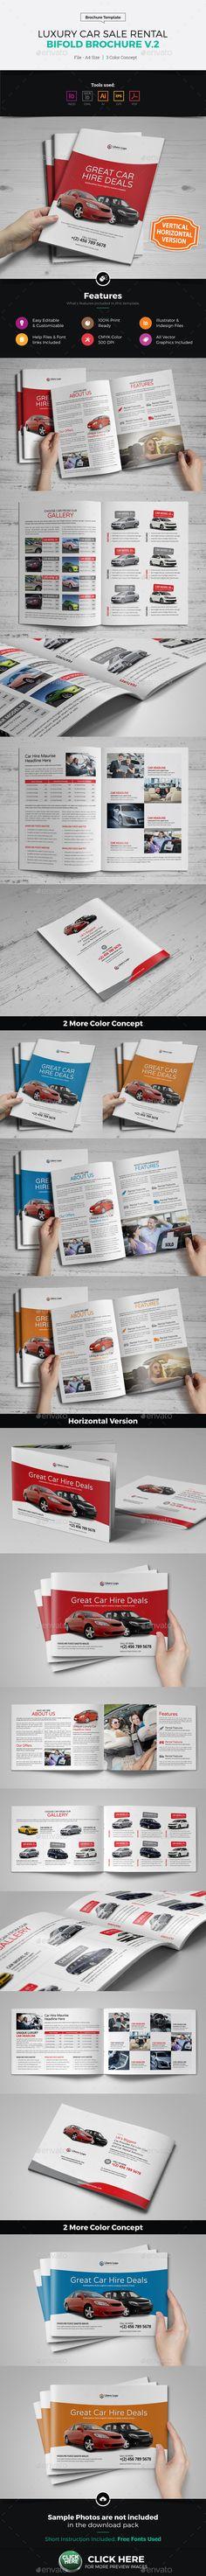 Luxury Car Sale Rental Brochure v2 - Corporate Brochures